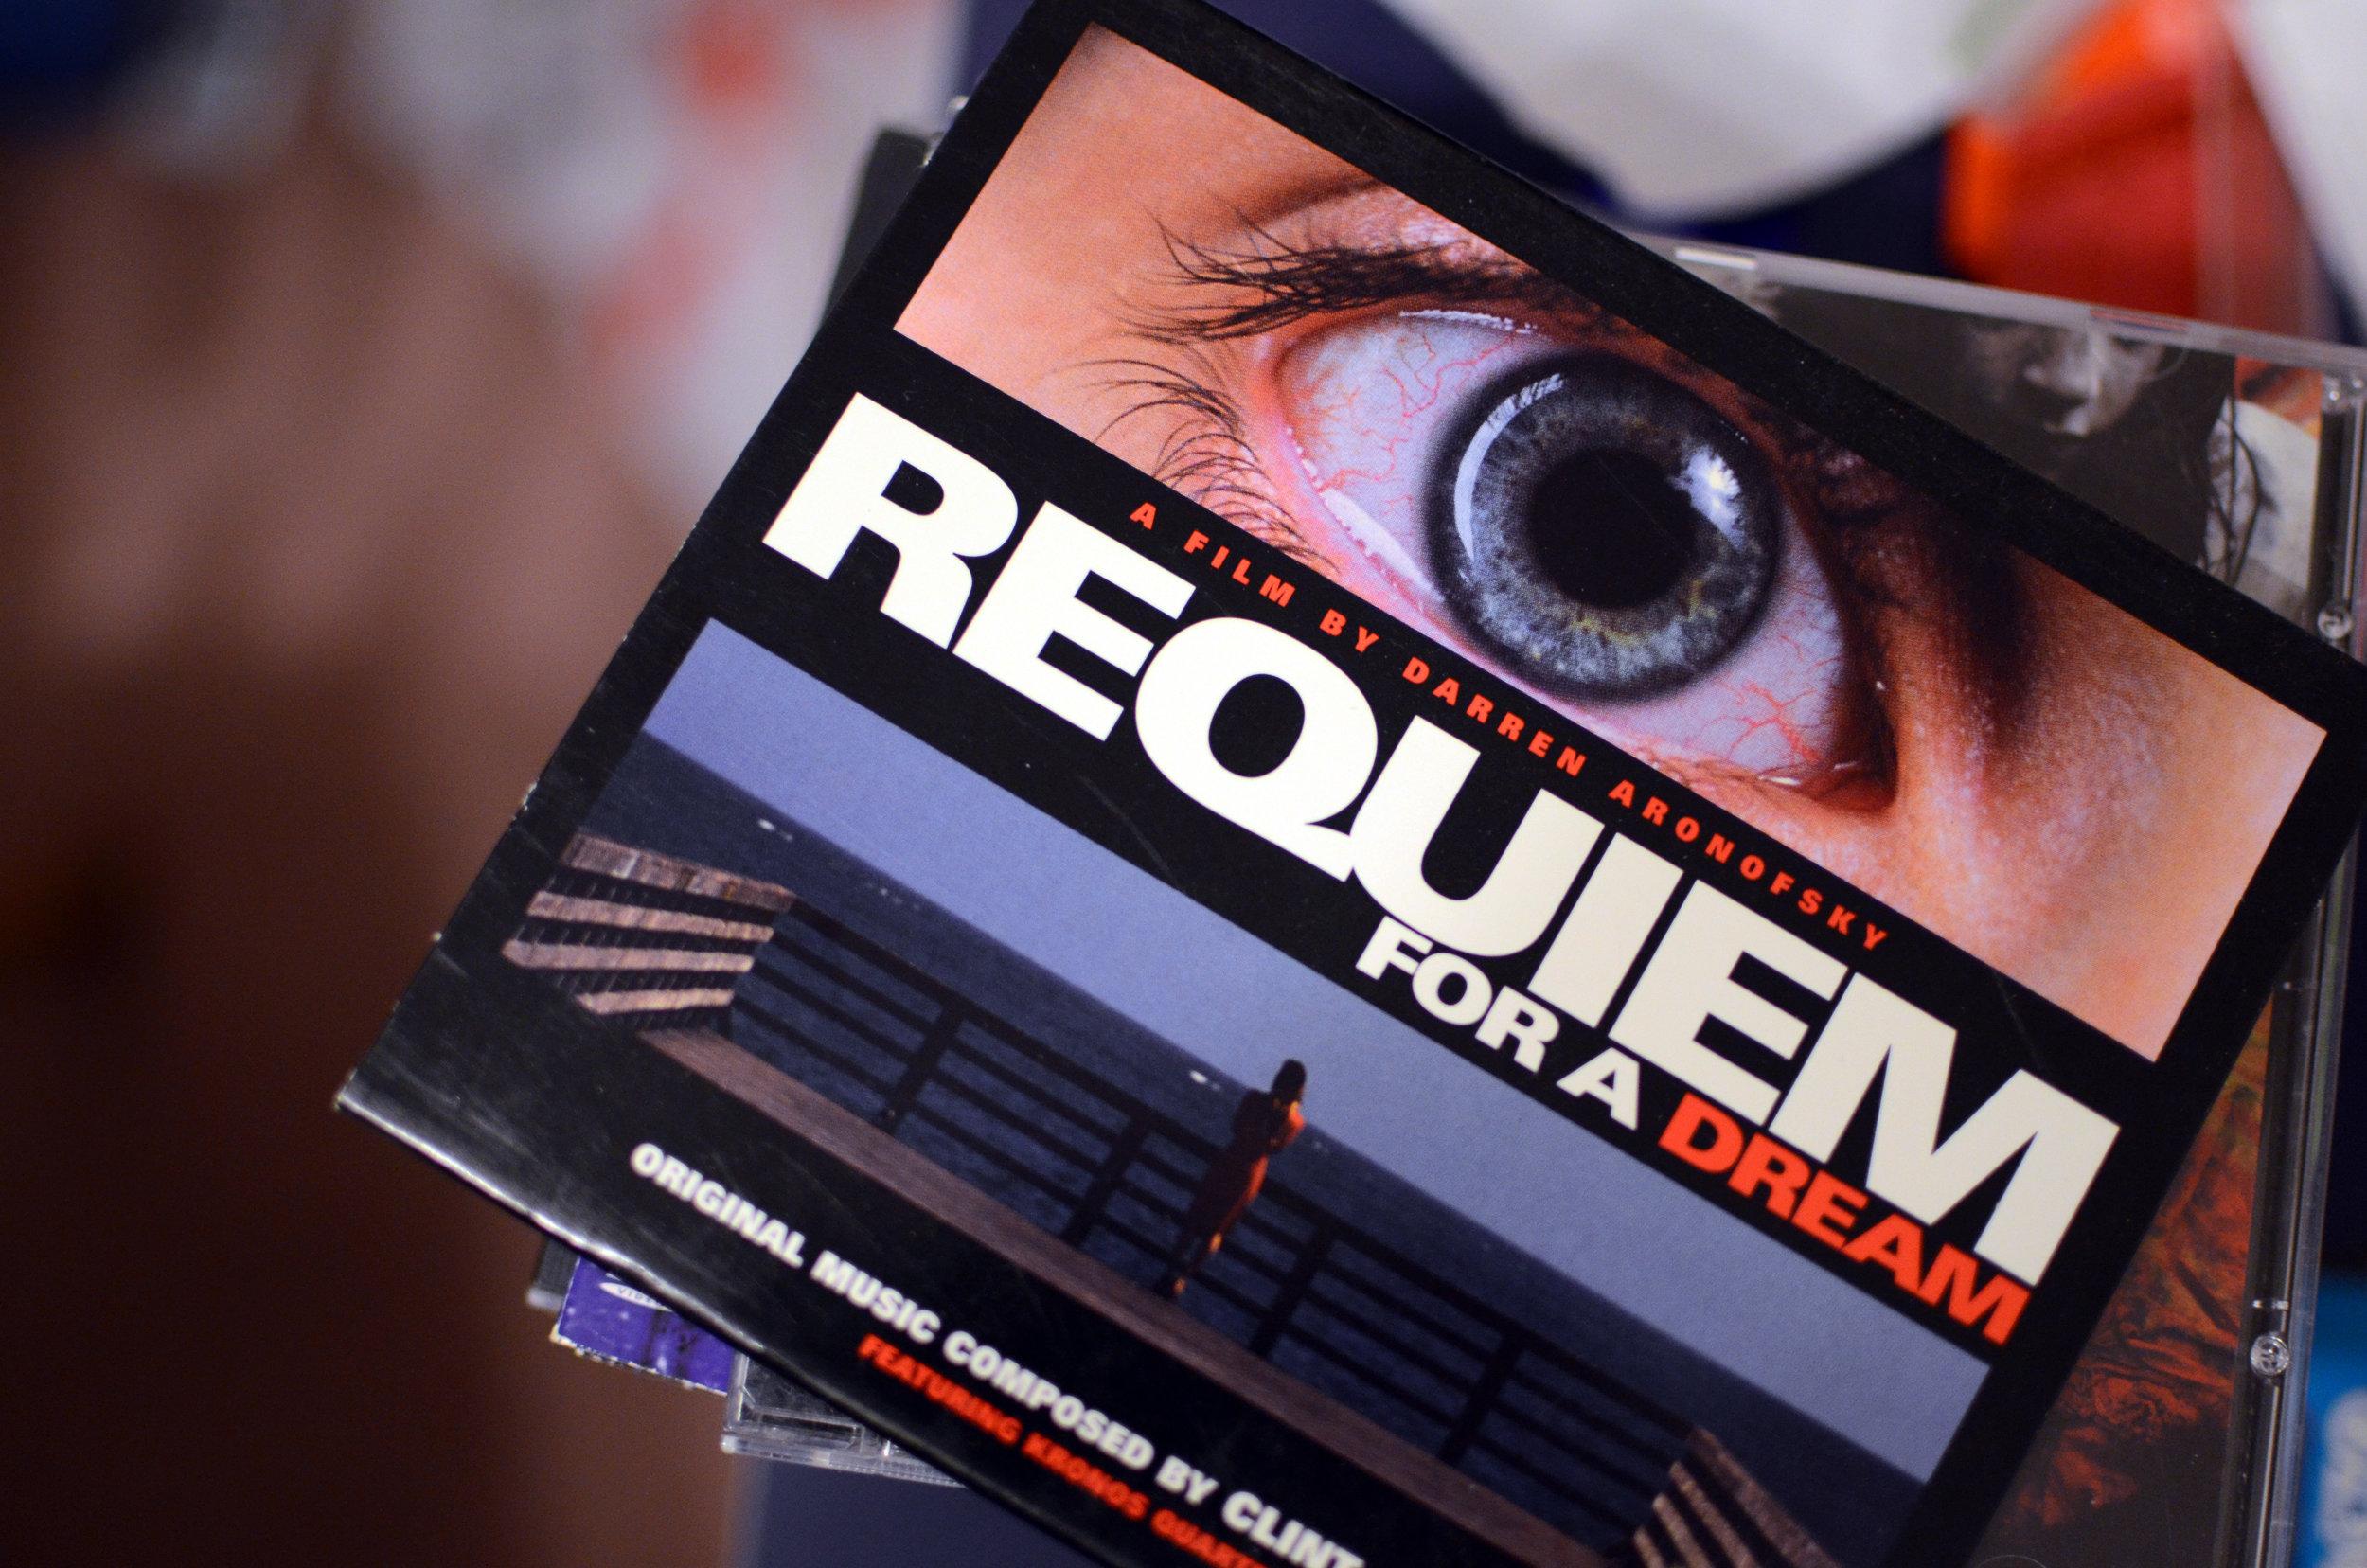 requiem-for-a-dream-tealmagazine